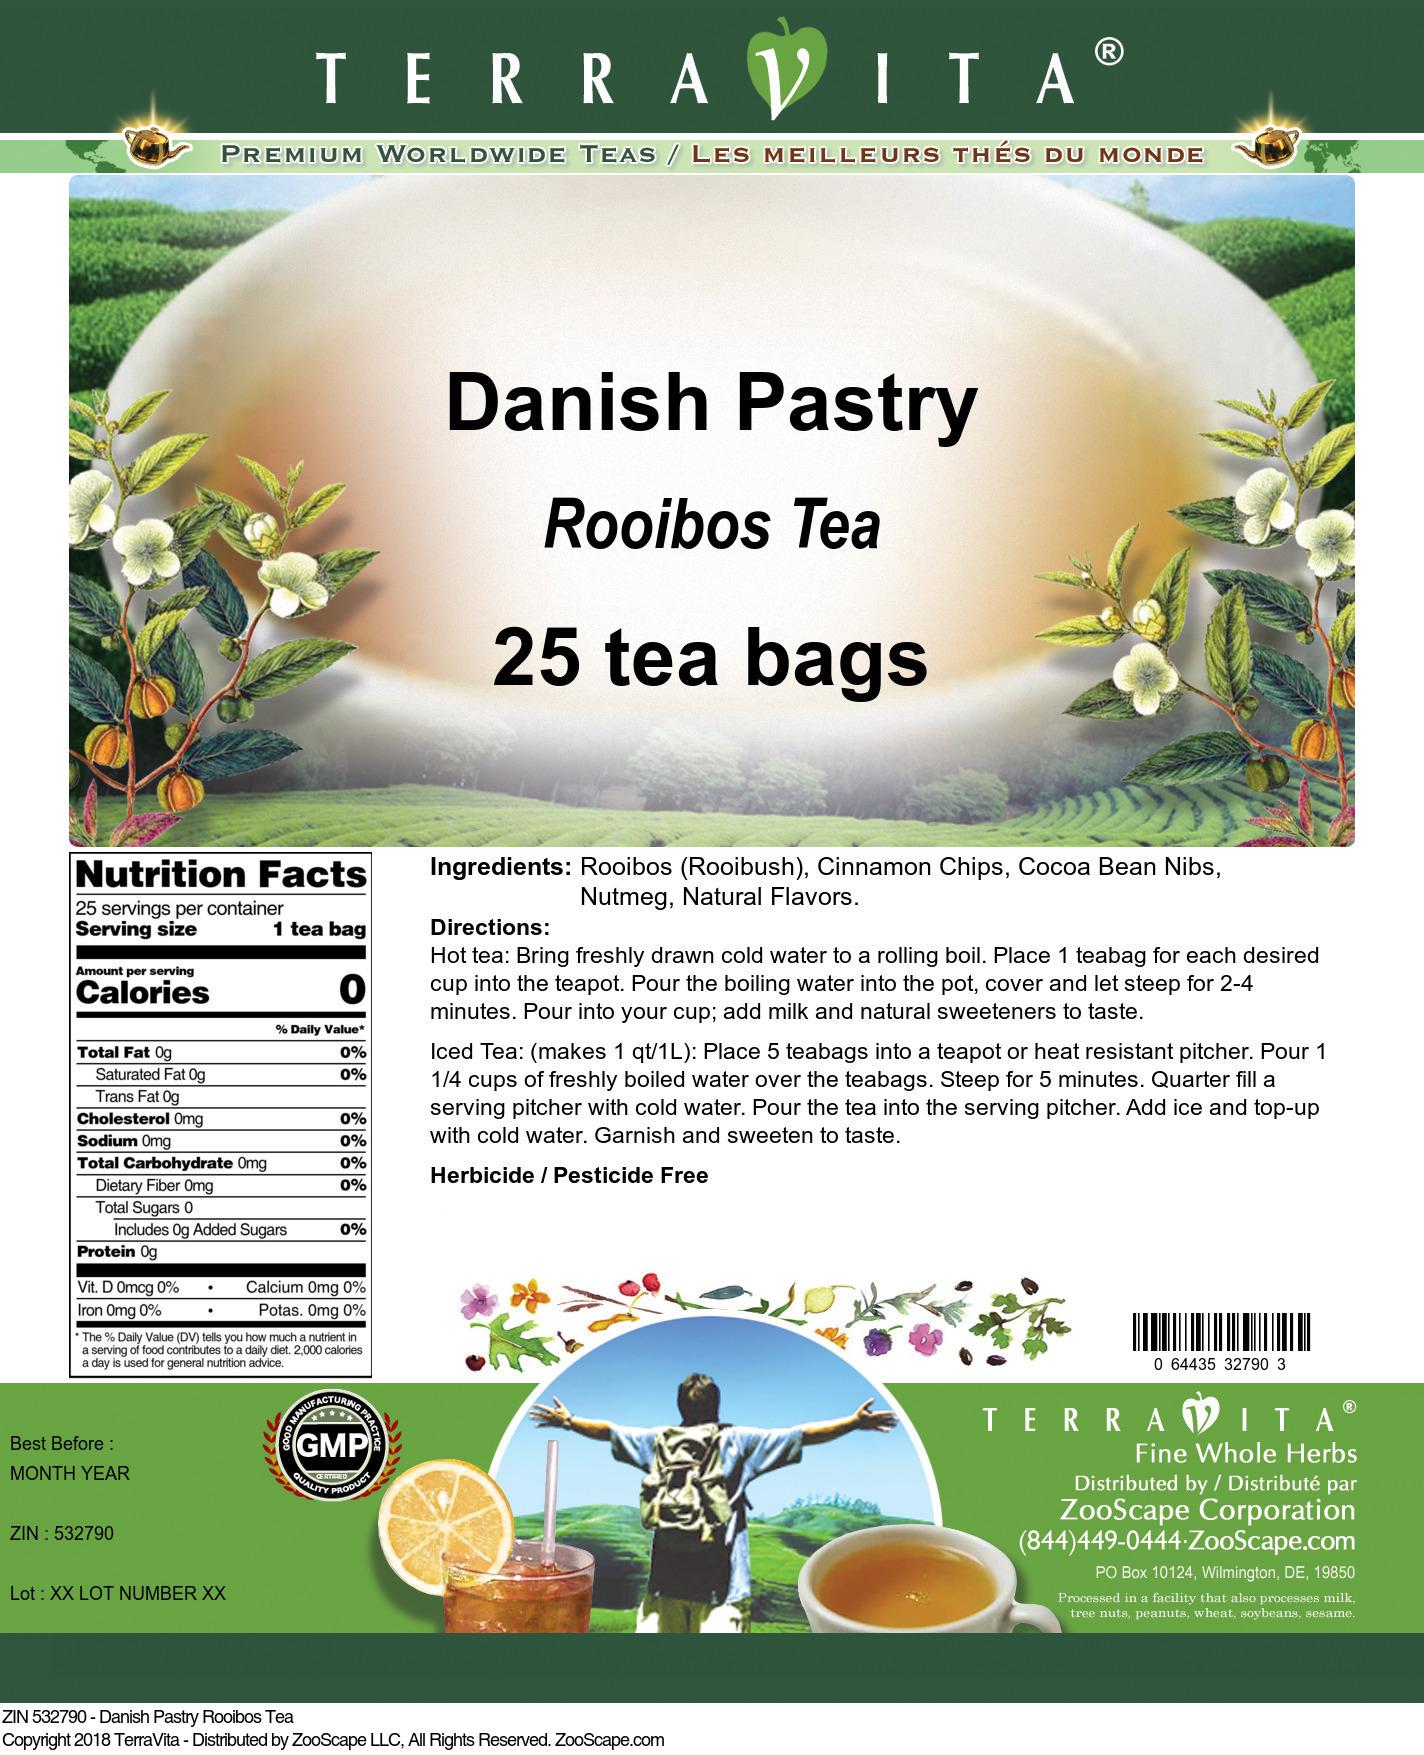 Danish Pastry Rooibos Tea